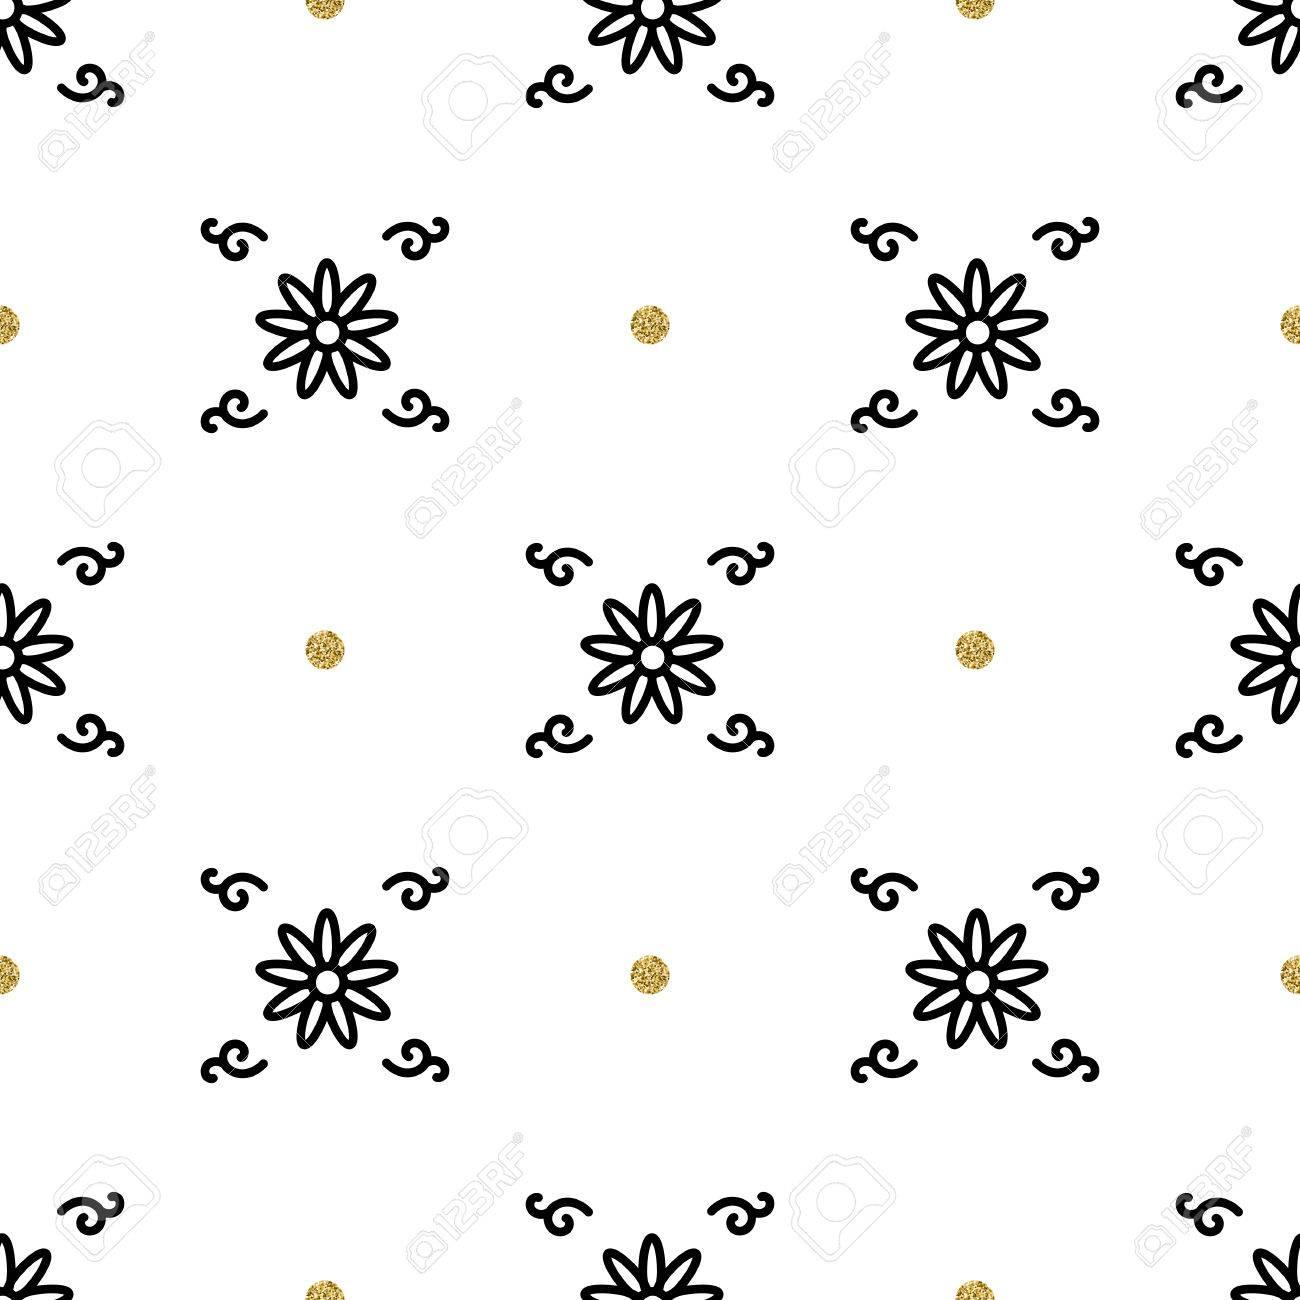 おしゃれな花柄 民族の飾りの解釈 白地に金と黒の要素 アジアのモチーフのシームレスな壁紙 のイラスト素材 ベクタ Image